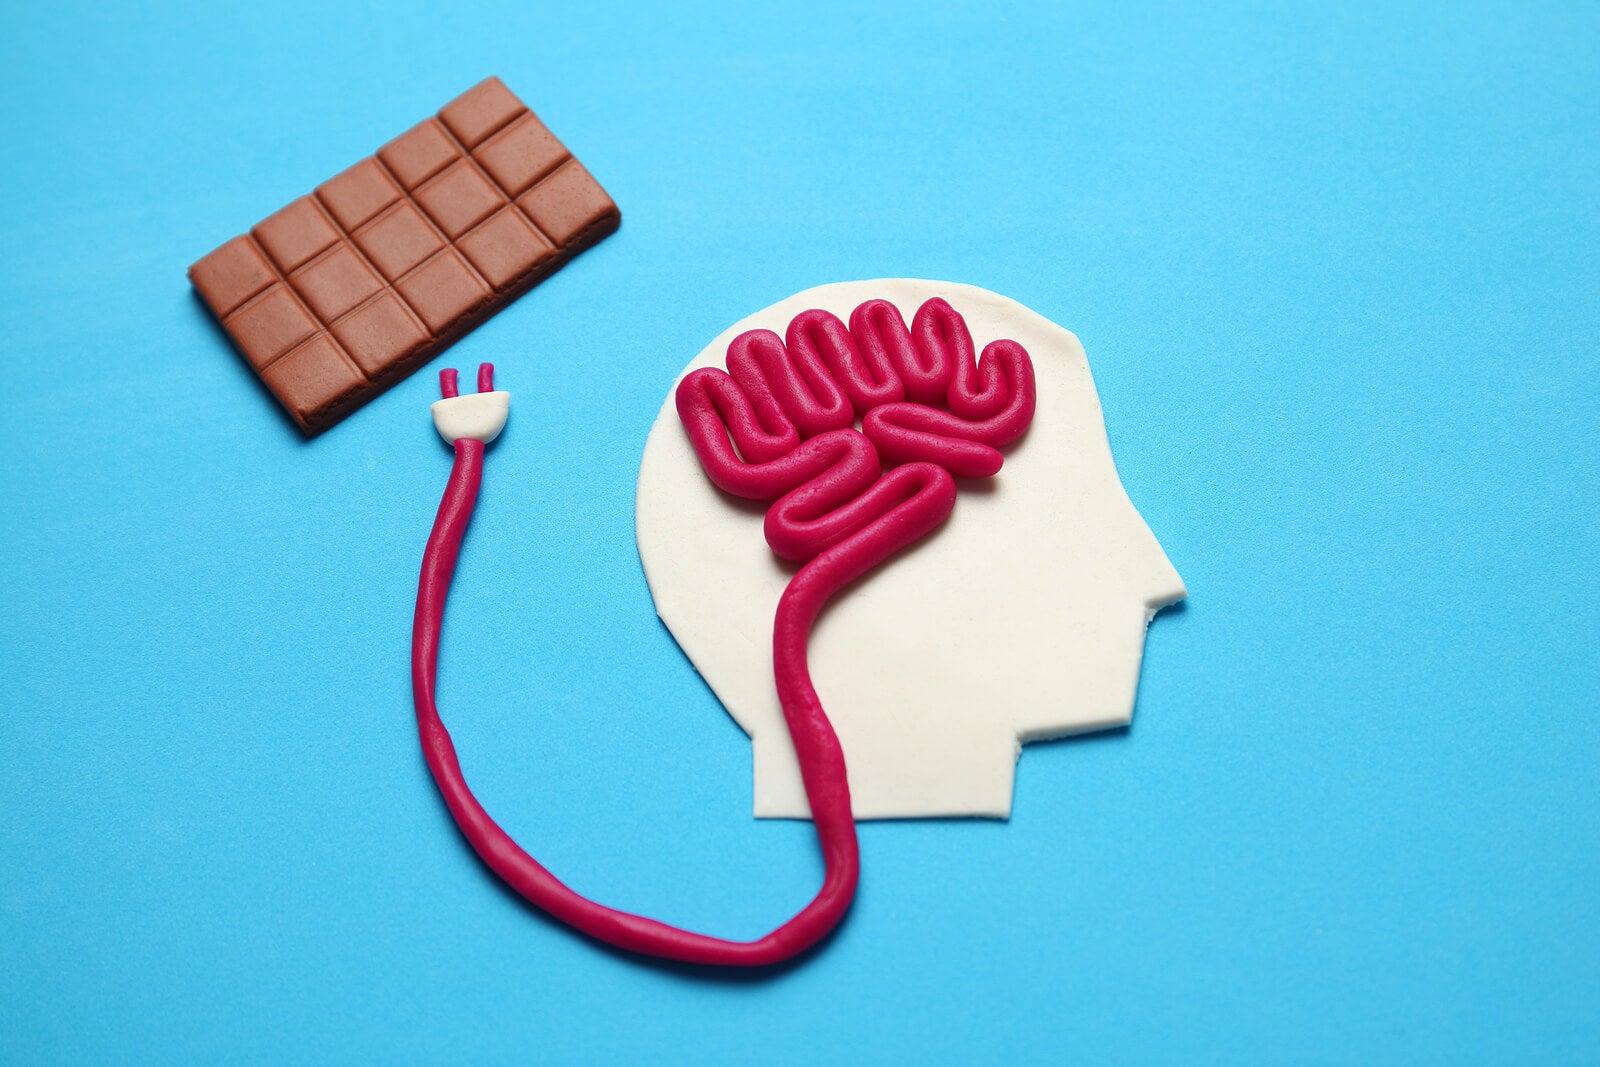 Le chocolat est bon pour le cerveau.